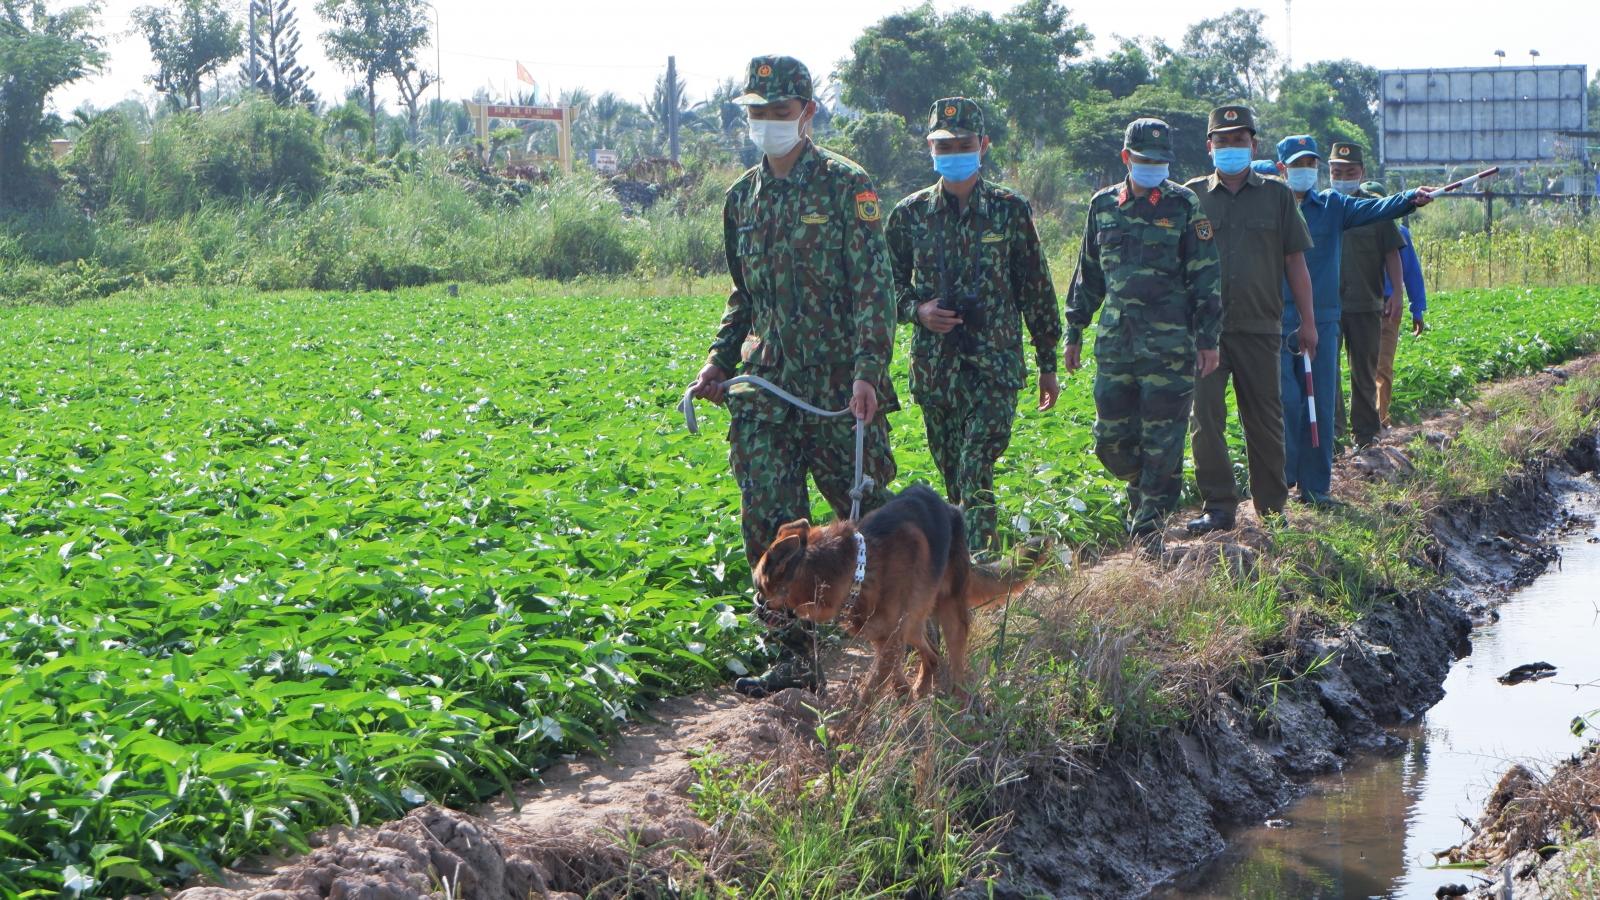 Quân và dân khu vực biên giới An Giang chung sức phòng, chống dịch Covid-19